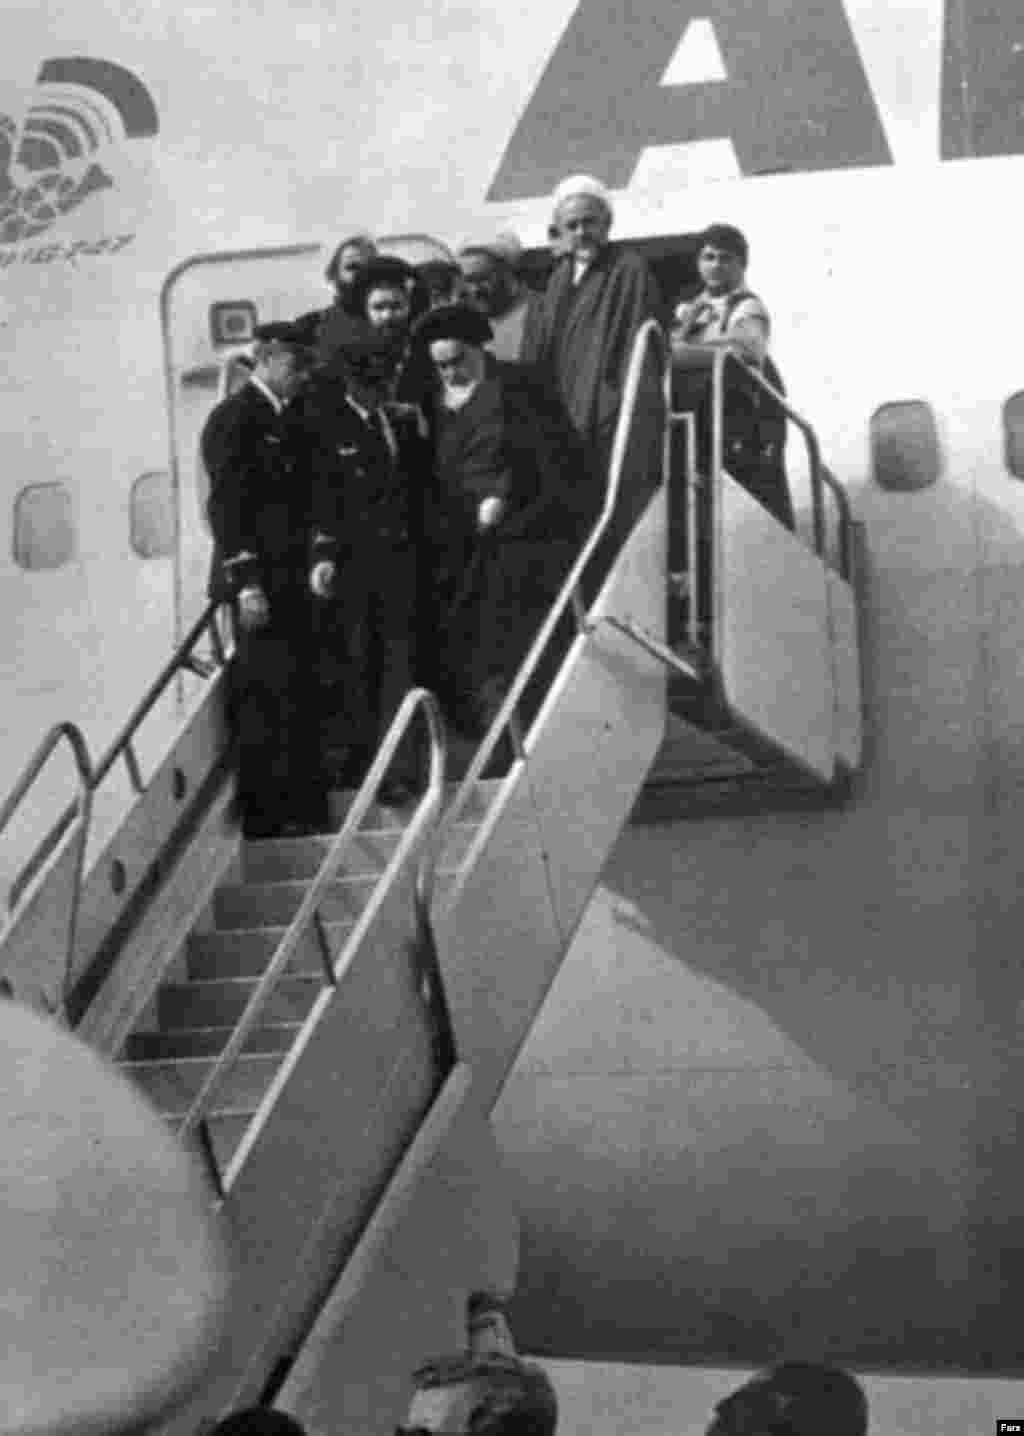 ورود آیت الله خمینی به فرودگاه مهرآباد